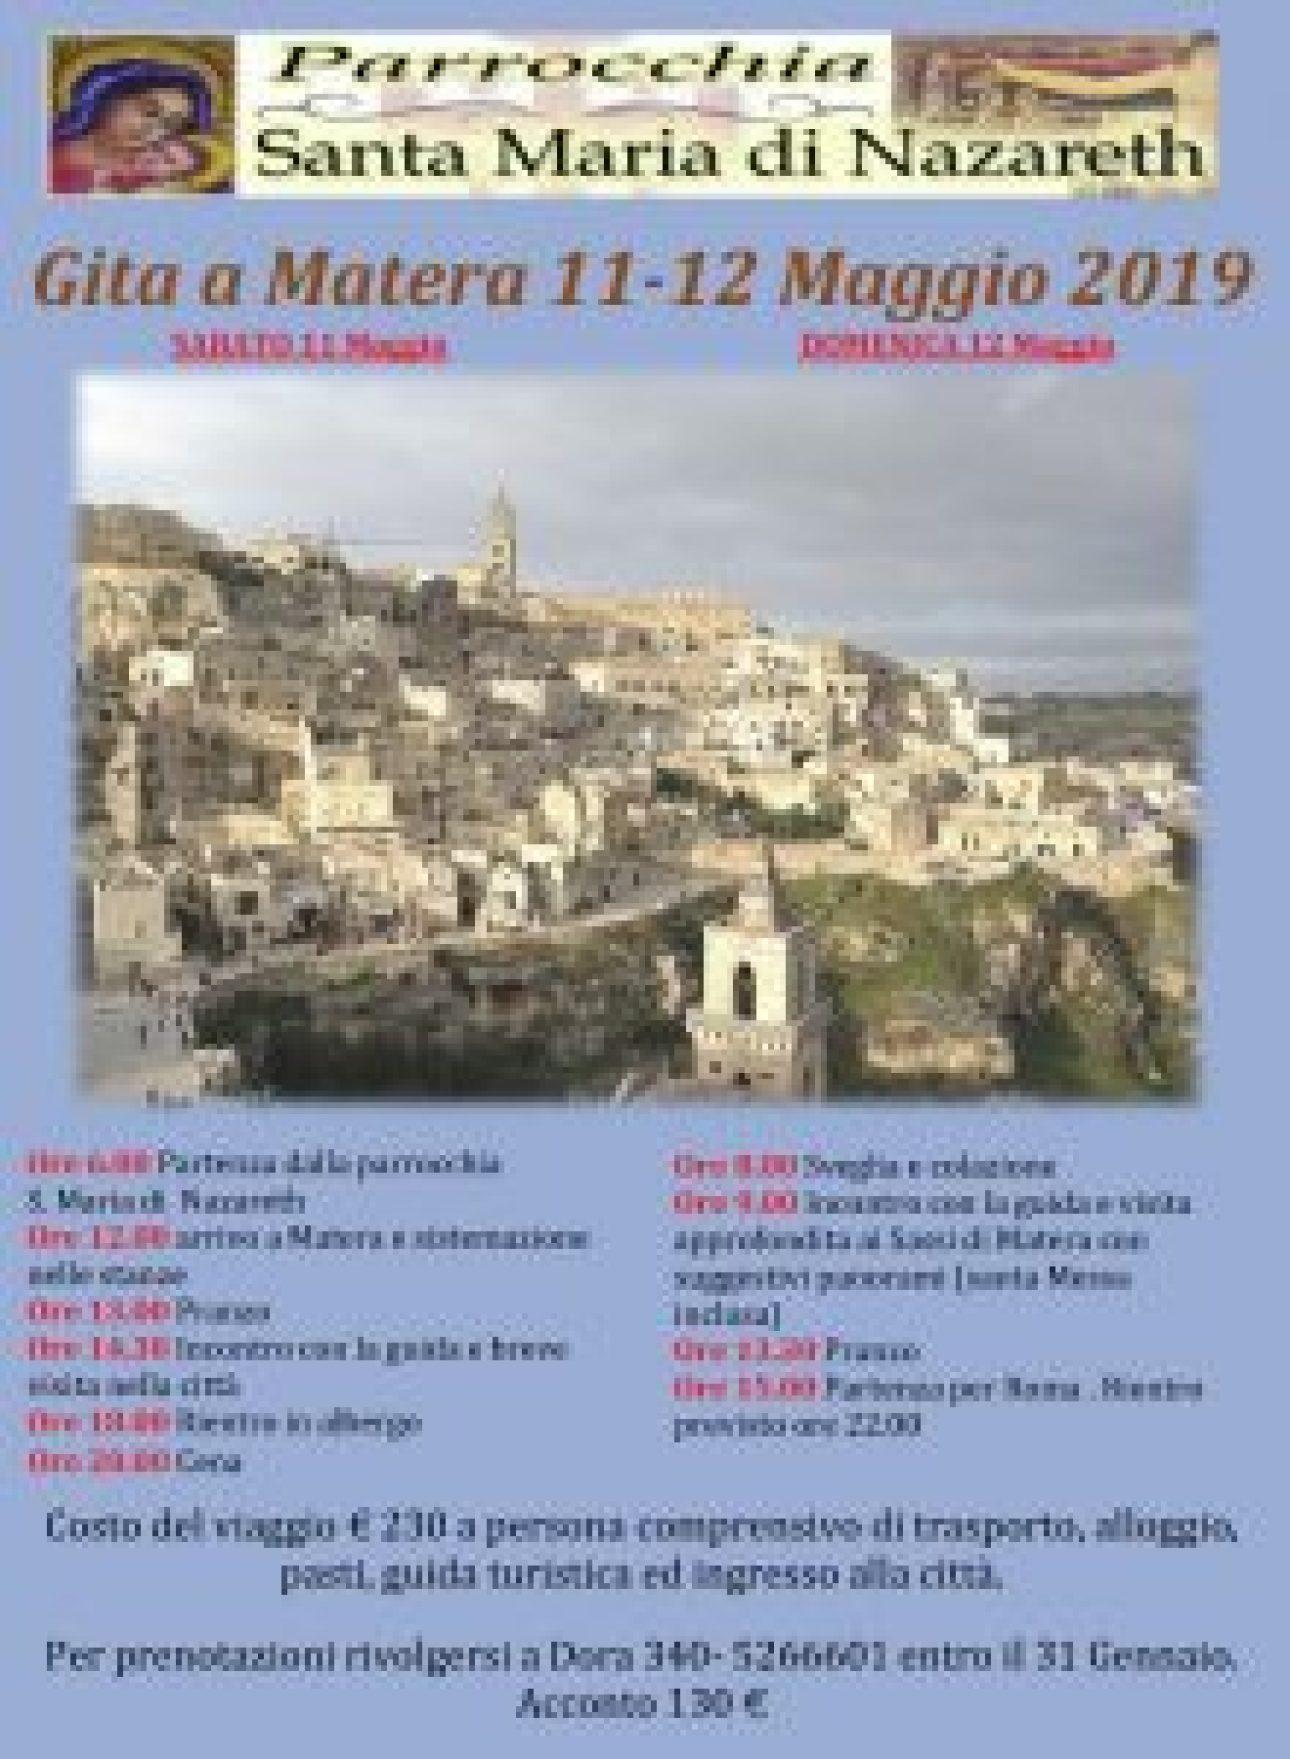 Gita Matera - 11-12 Maggio 2019